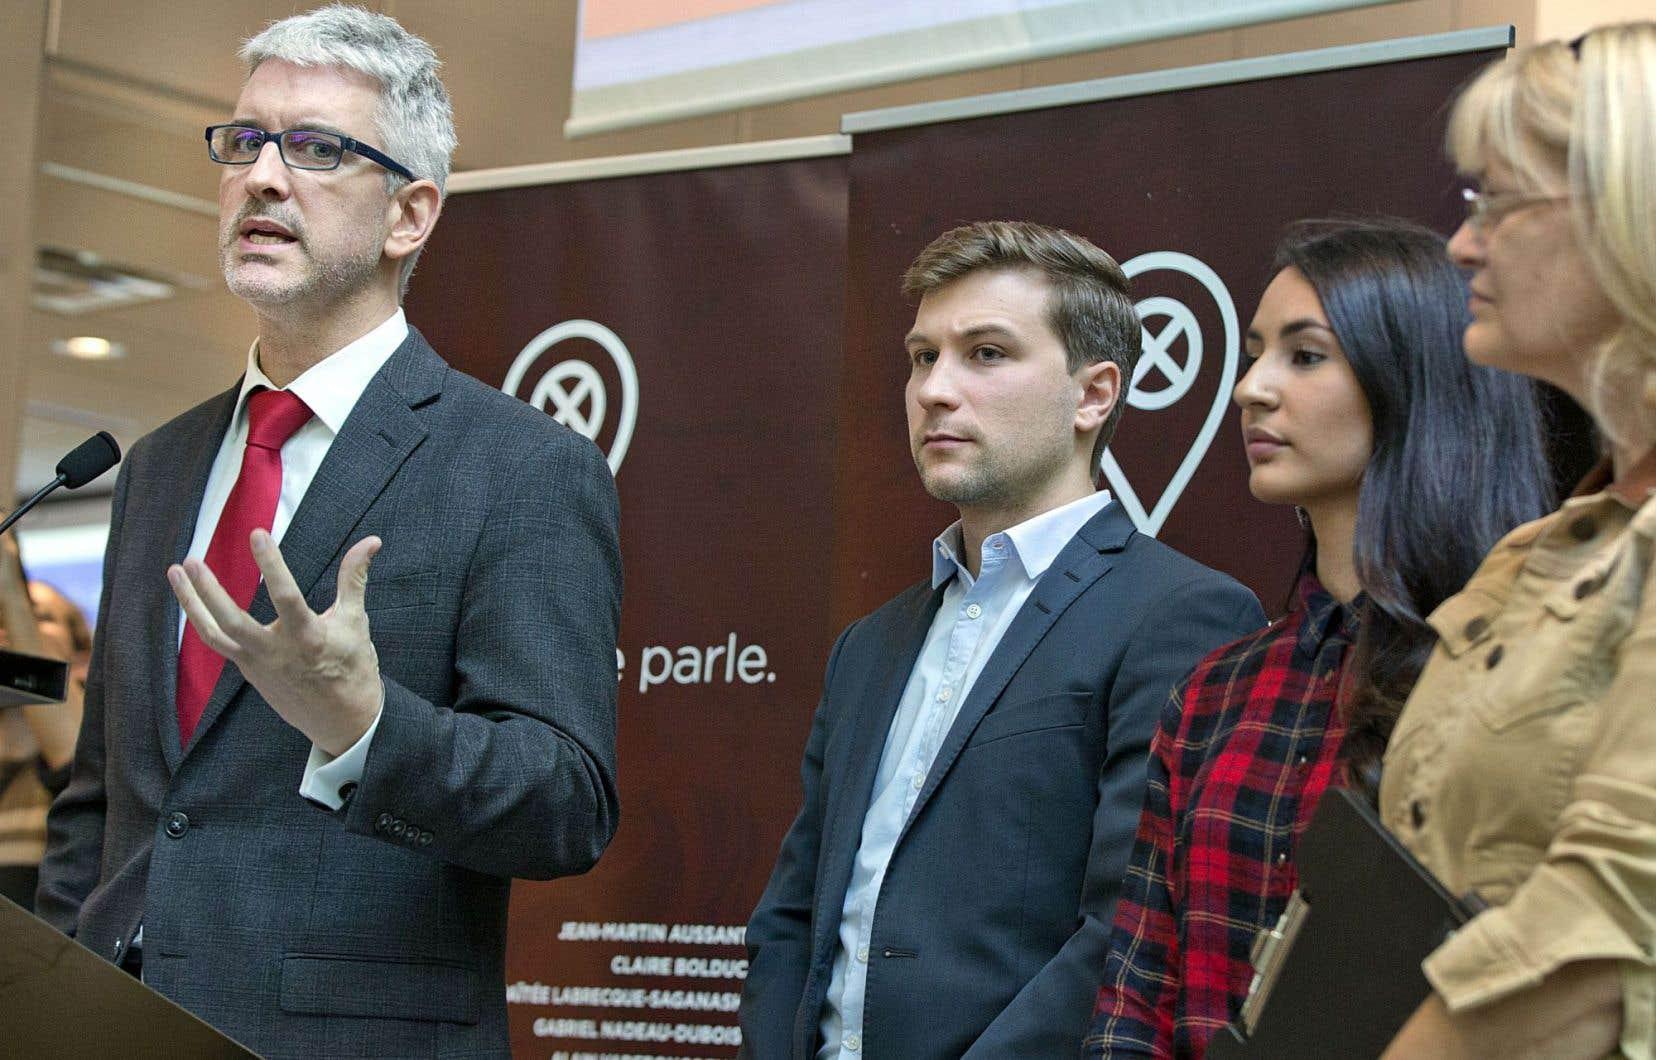 """« Dans l'ensemble, le discours de """"Faut qu'on se parle"""" se démarque peu des valeurs de Québec solidaire et d'Option nationale », écrit l'auteur."""